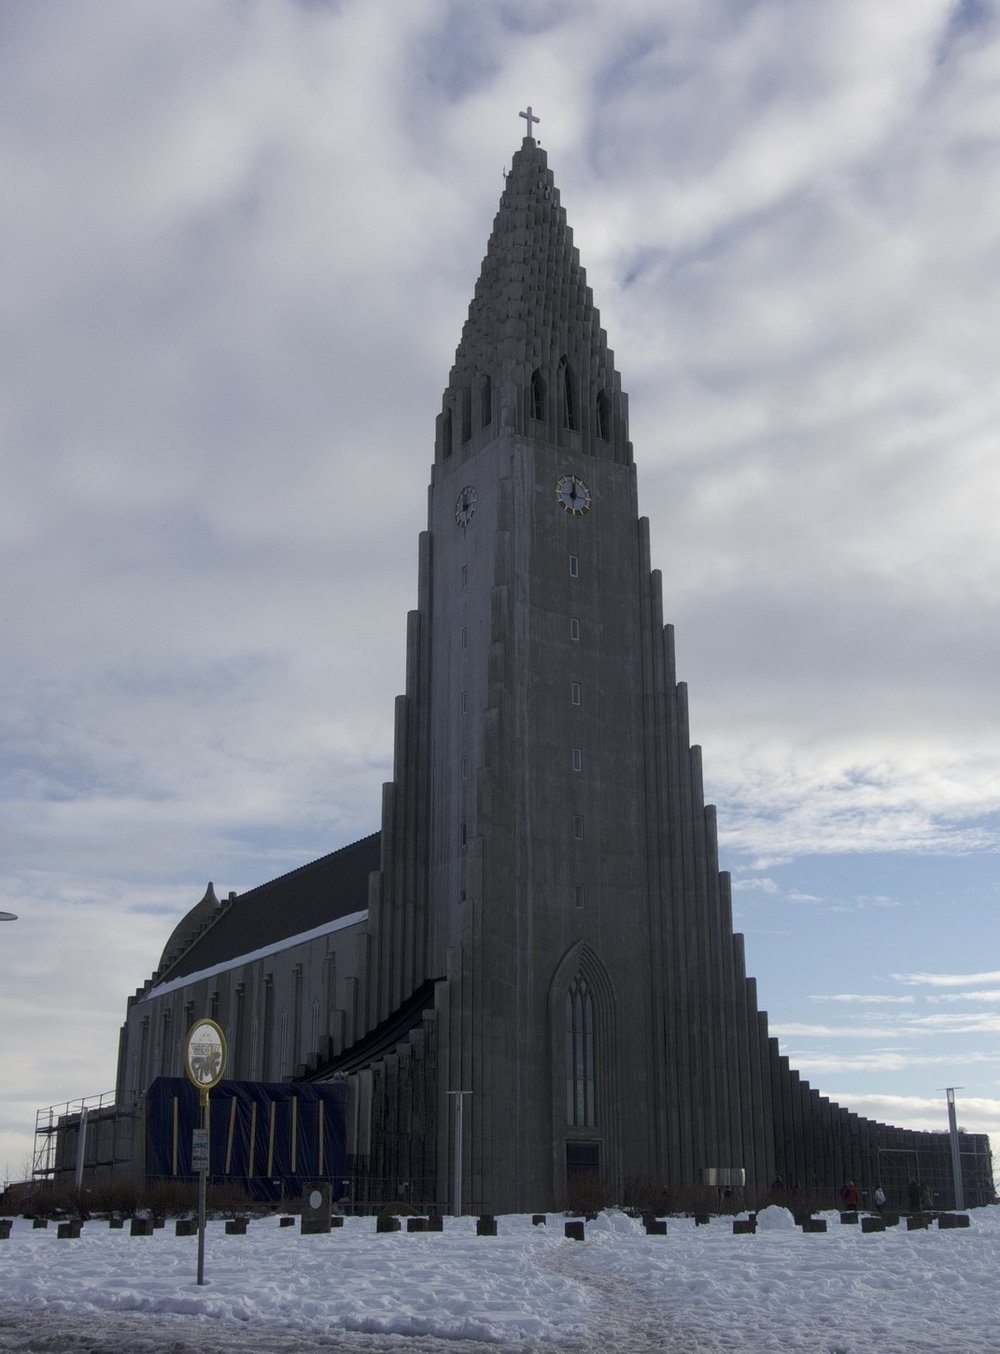 Hallgrímskirkja, Iceland